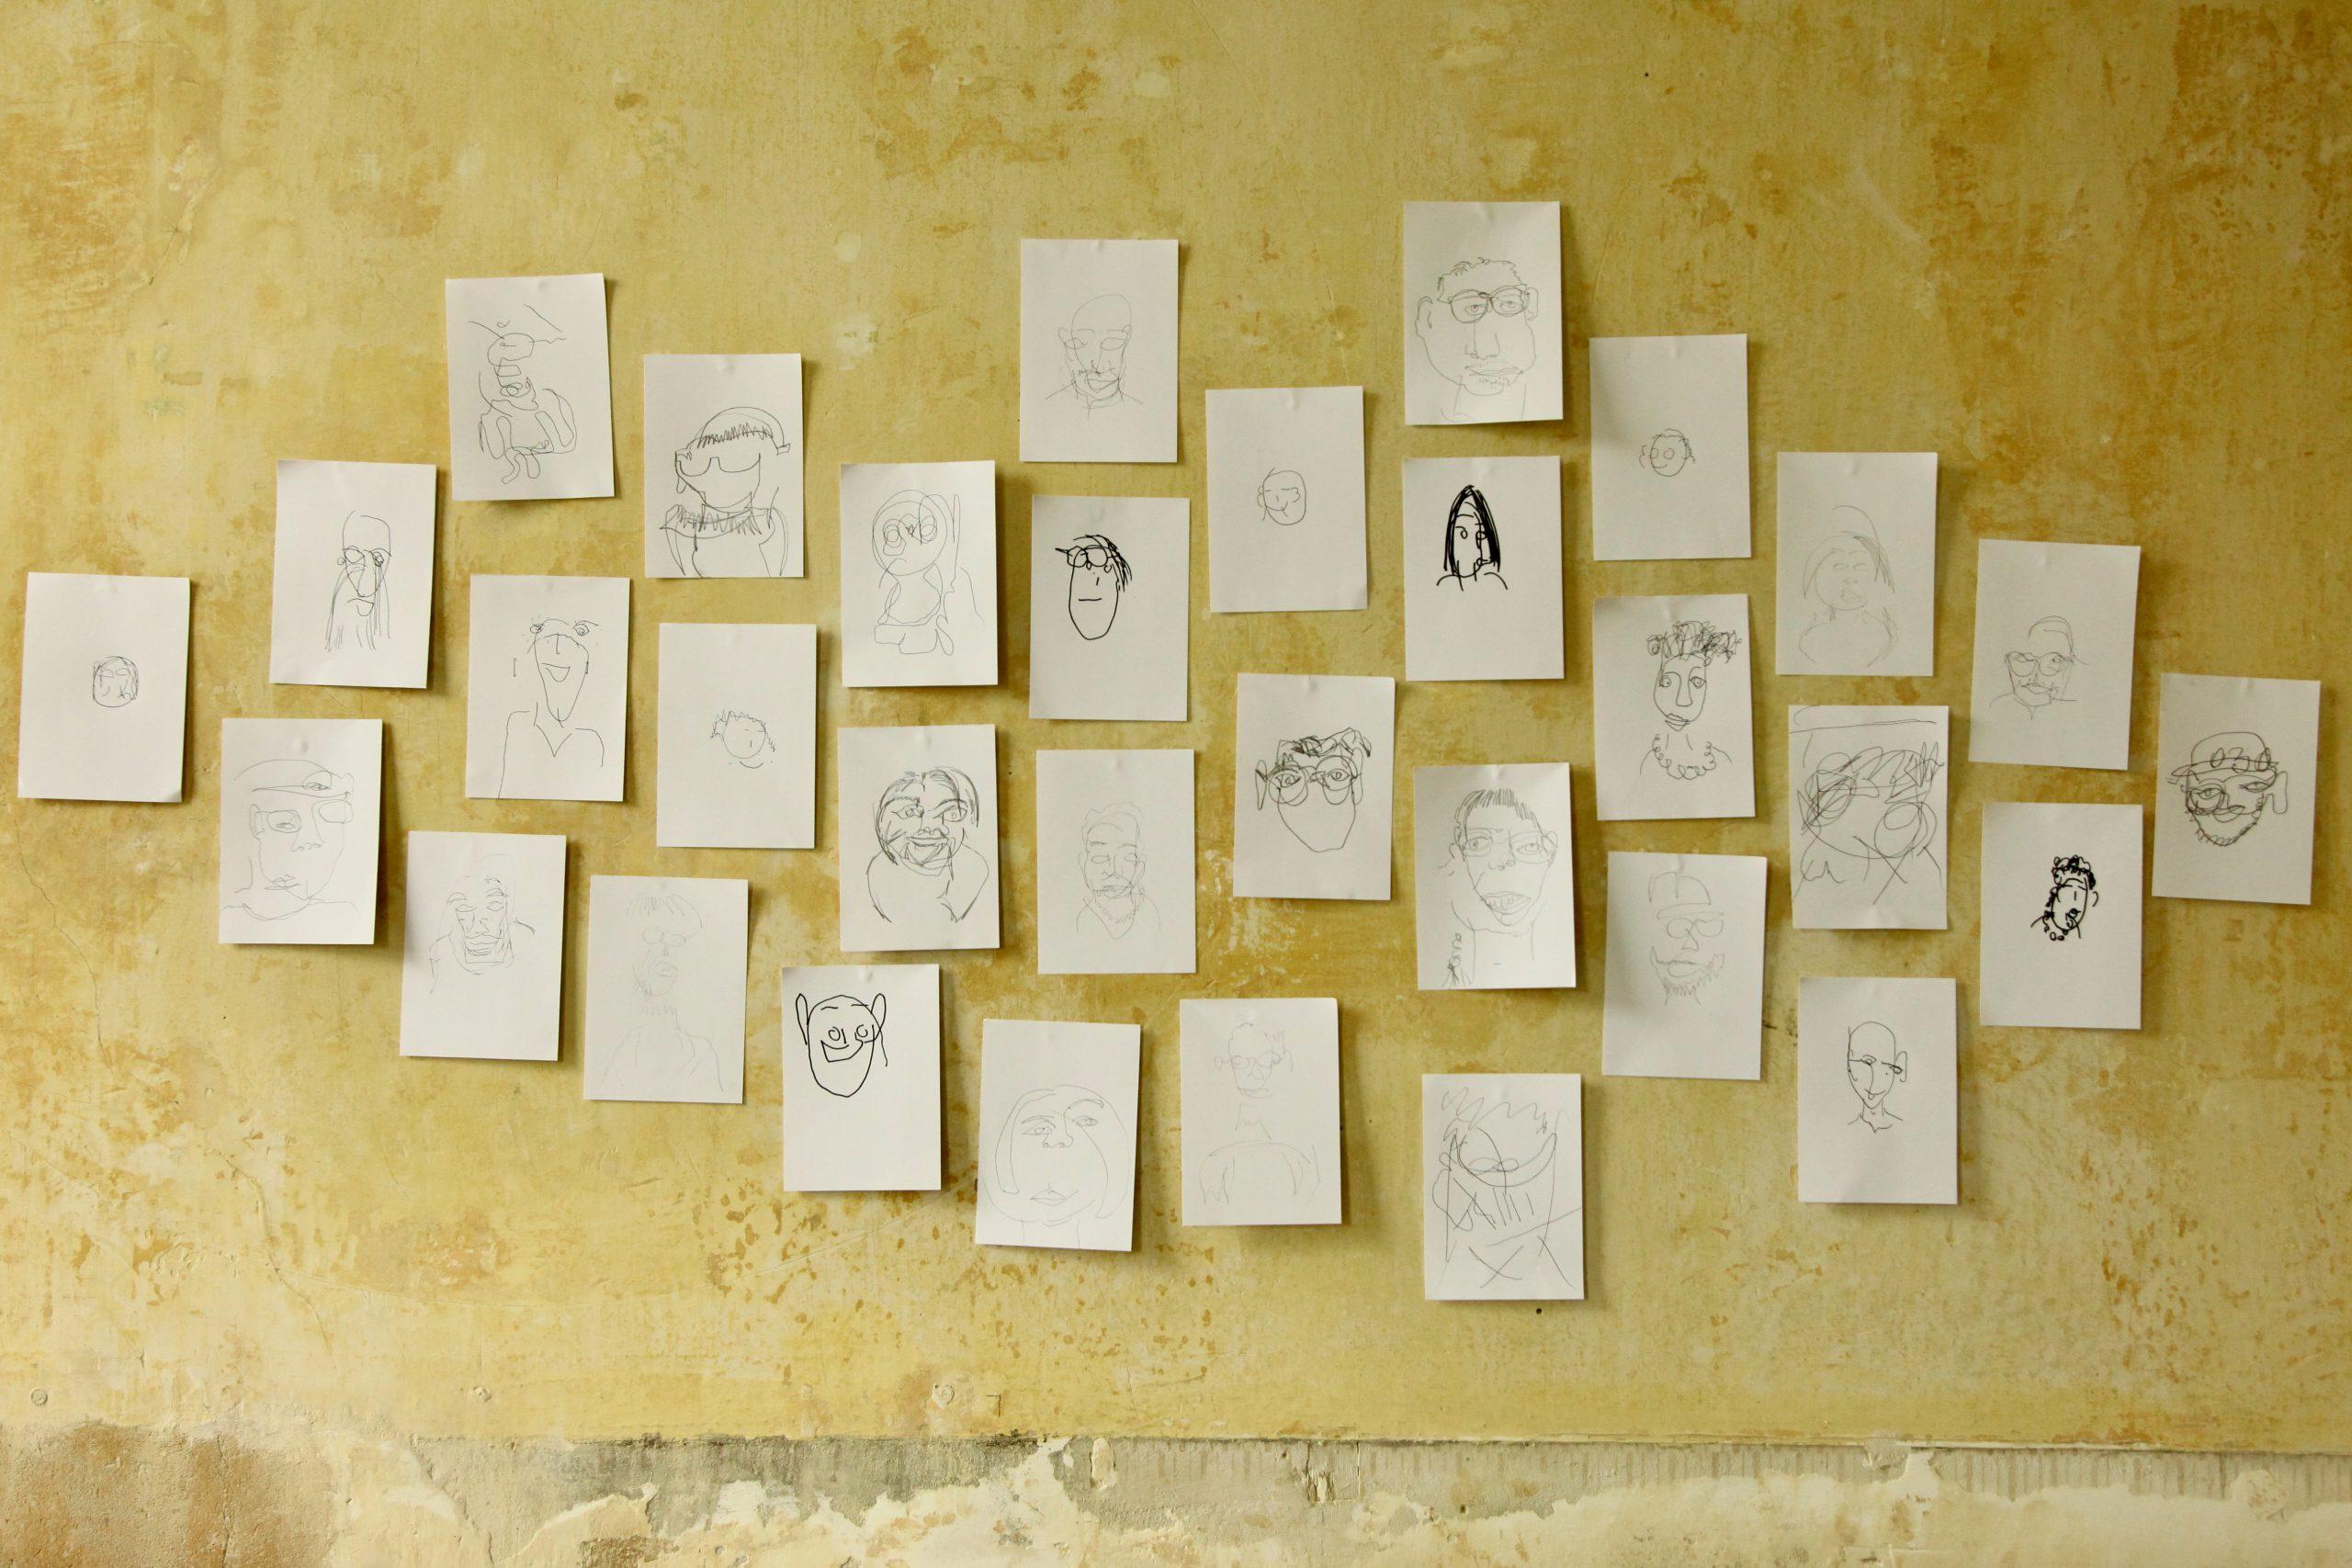 Gezeichnete Portraits hängen an einer gelben Wand